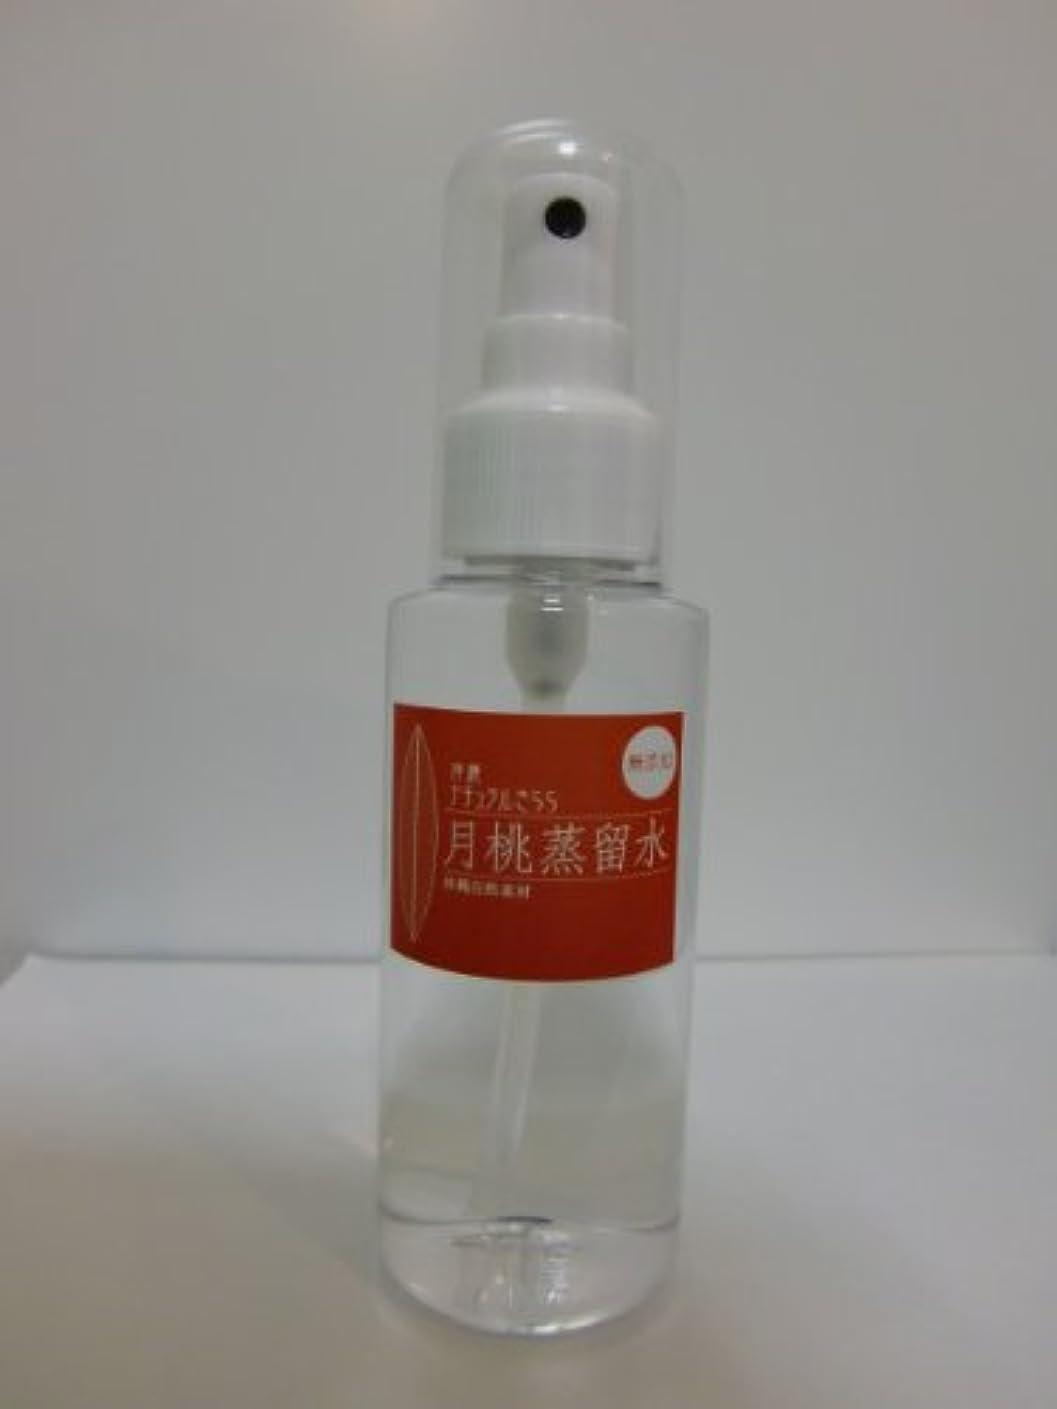 ユーザーすぐに多数の新?月桃蒸留水(200ml)